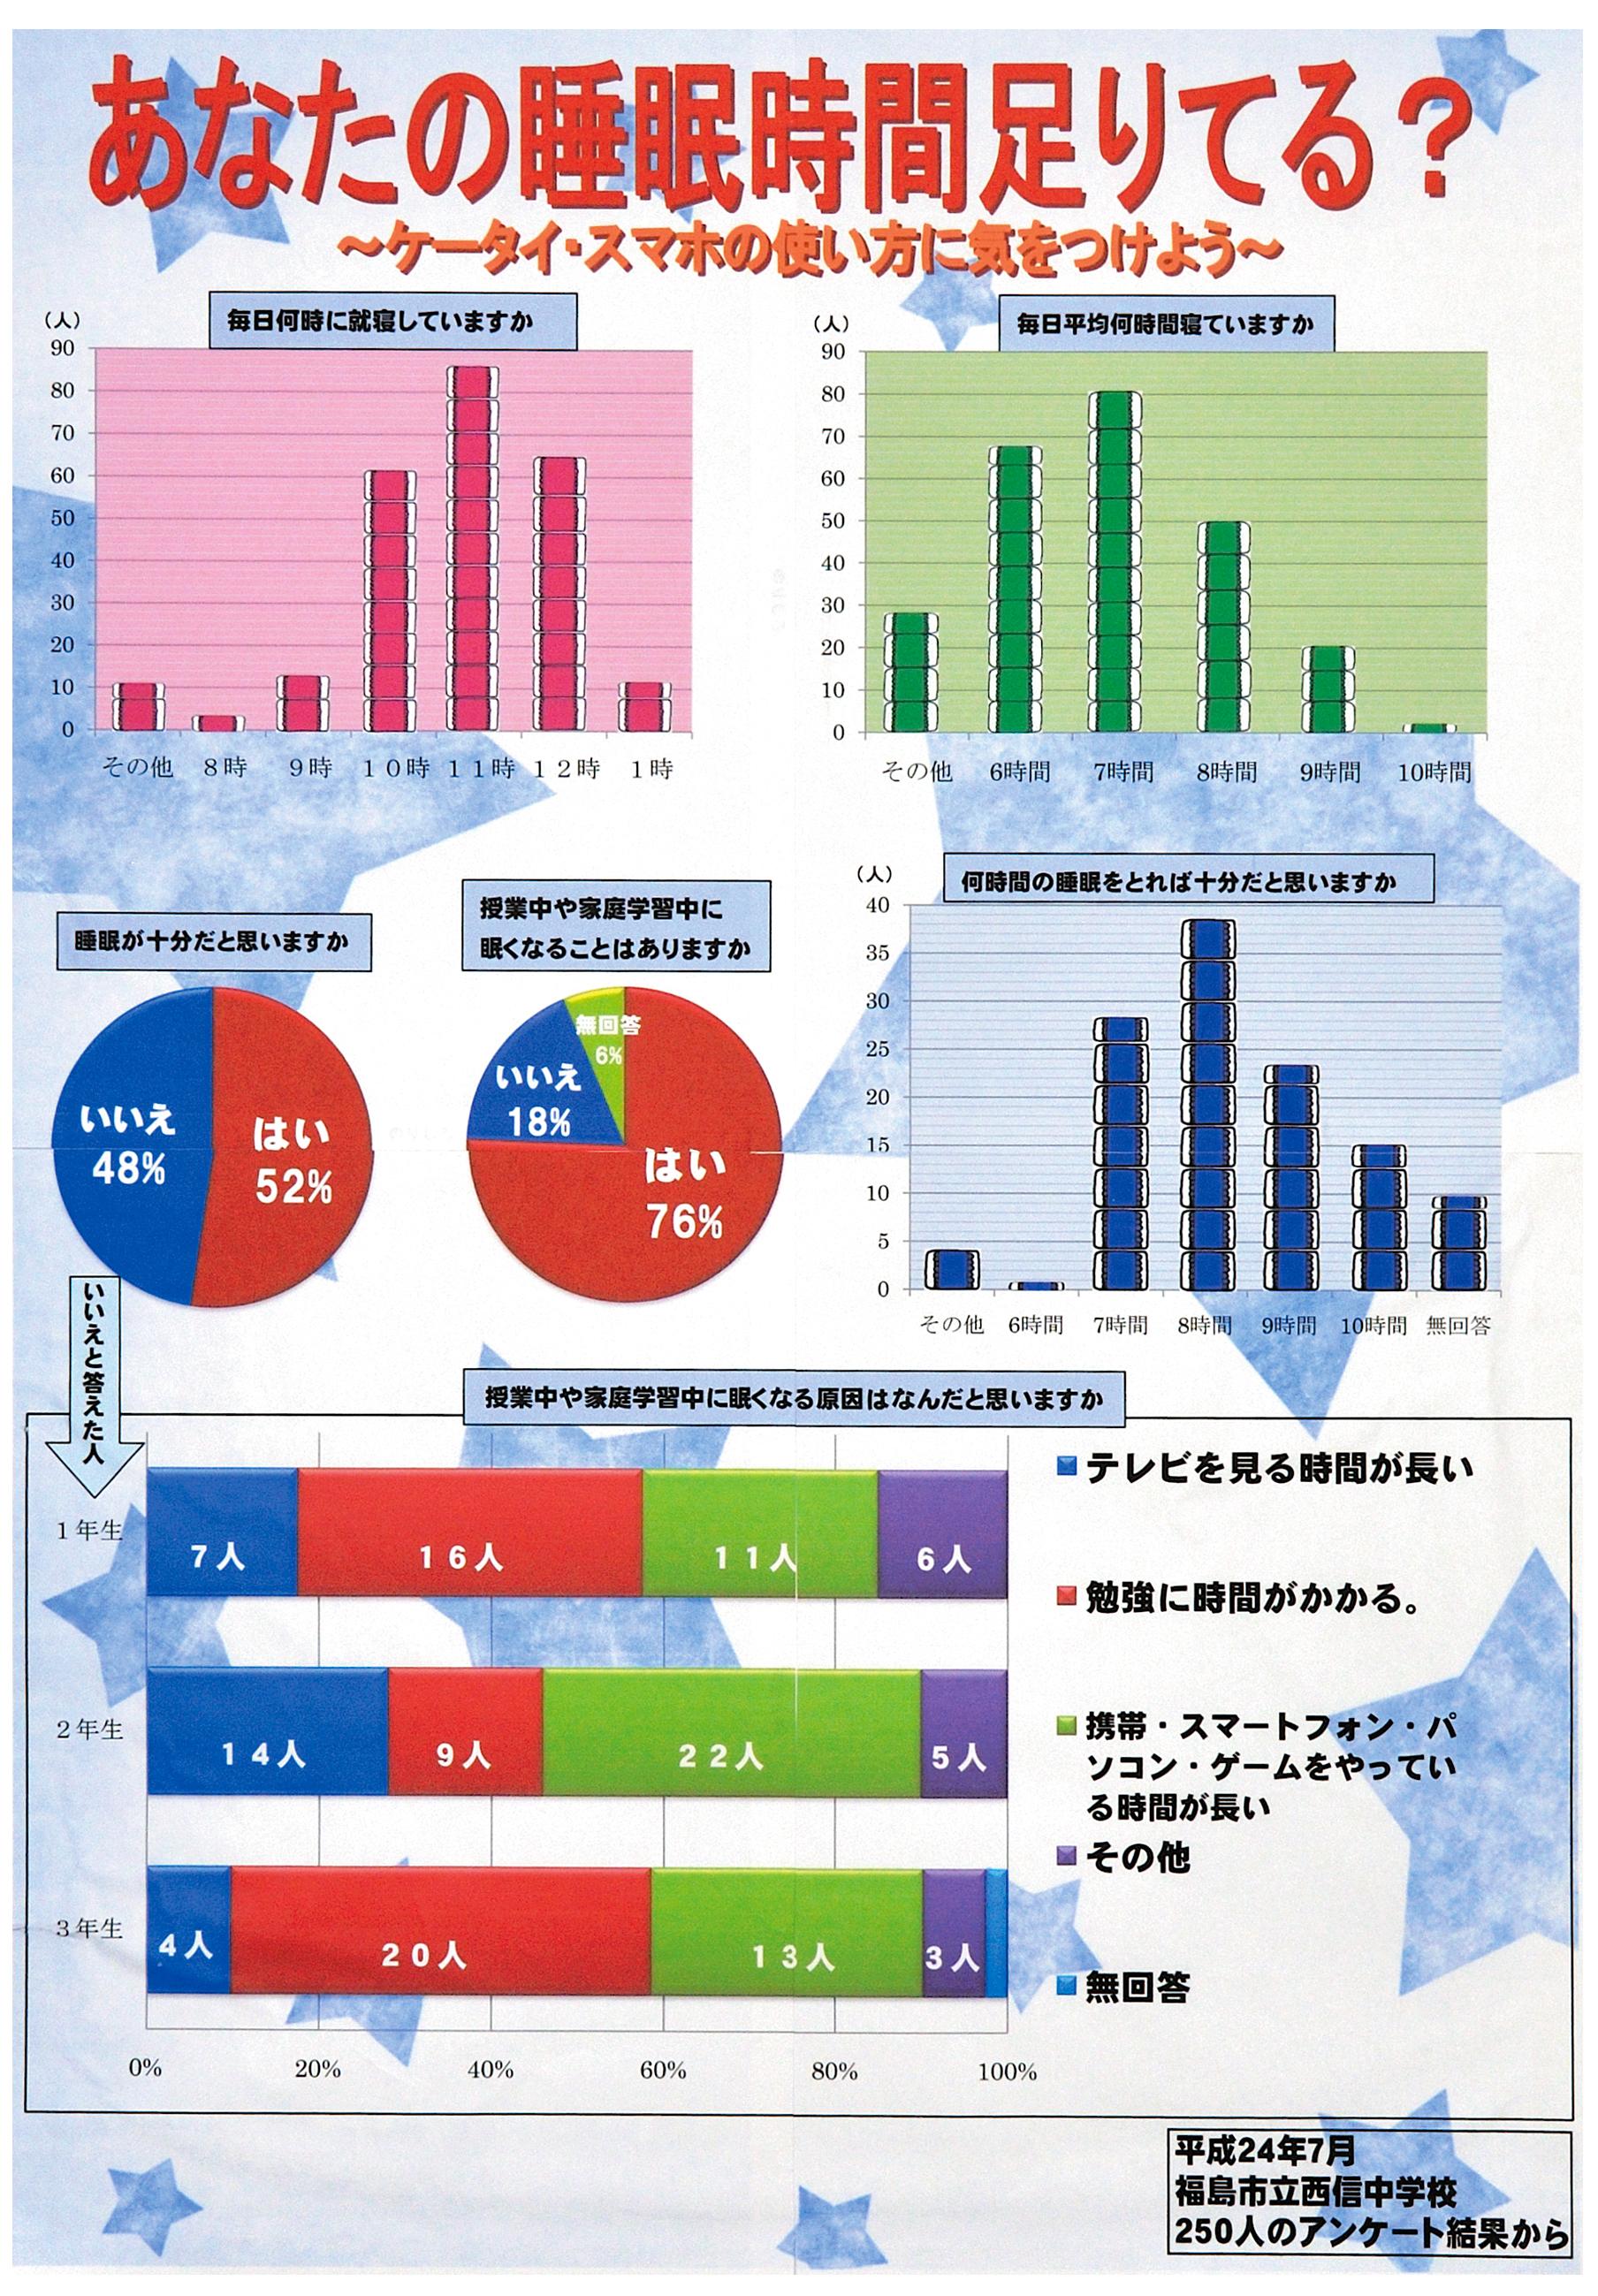 第63回(平成25年度)統計グラフコンクール パソコン統計グラフの部入選作品